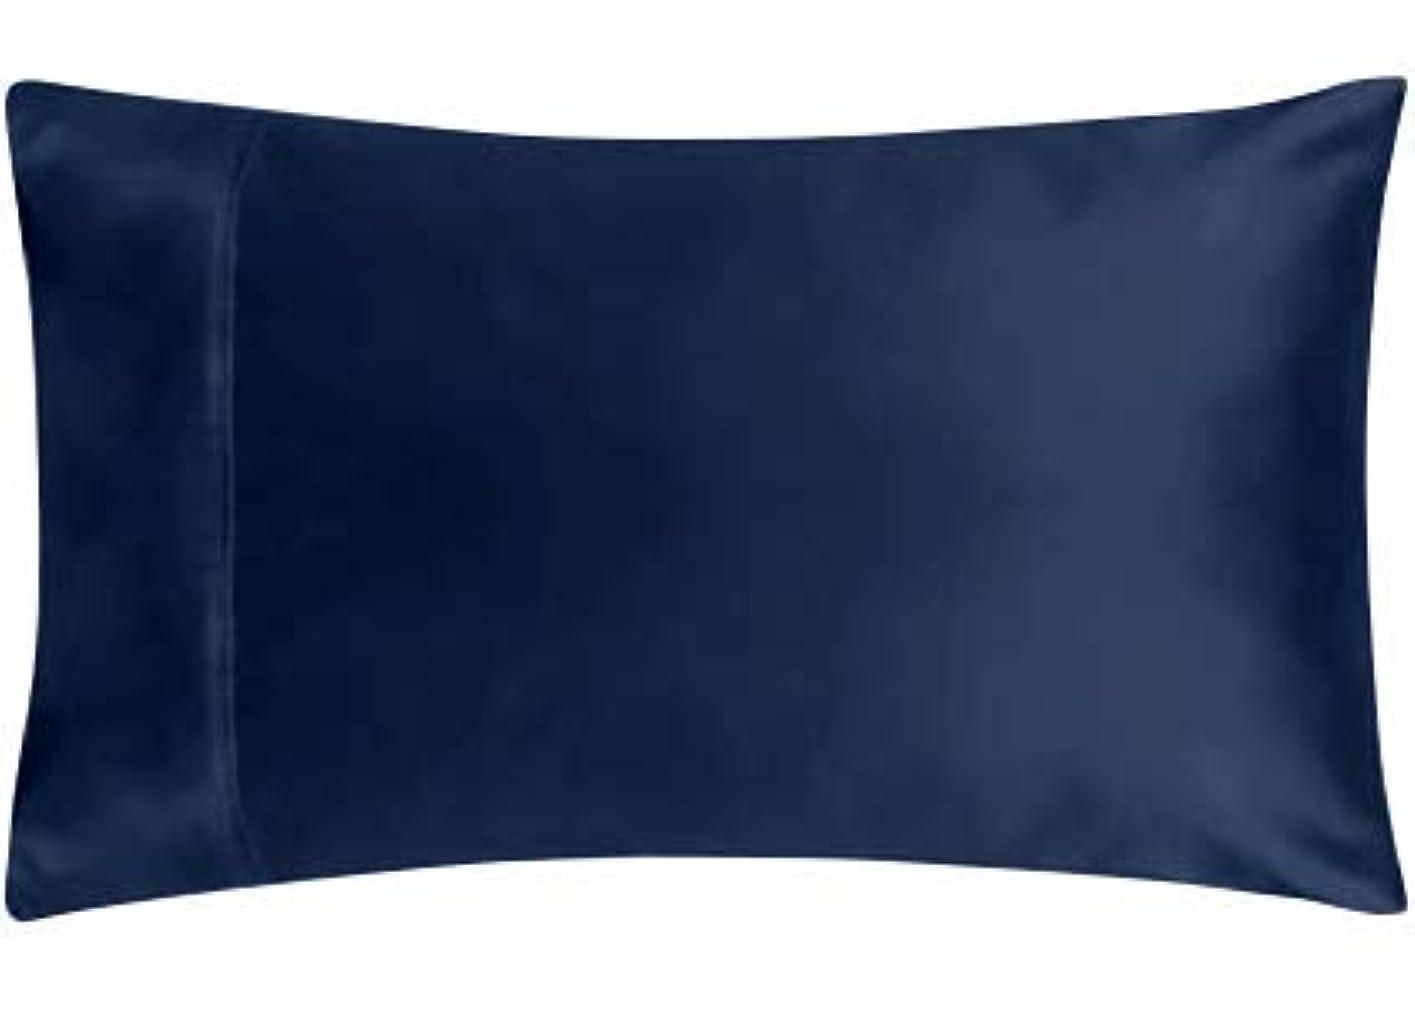 違反敬実験R.T. Home - エジプト高級超長綿ホテル品質 枕カバー 80×40CM (枕カバー 80 40) 500スレッドカウント サテン織り マクラカバー(ピローケース) 封筒式 ミッドナイト ネイビー 80*40CM